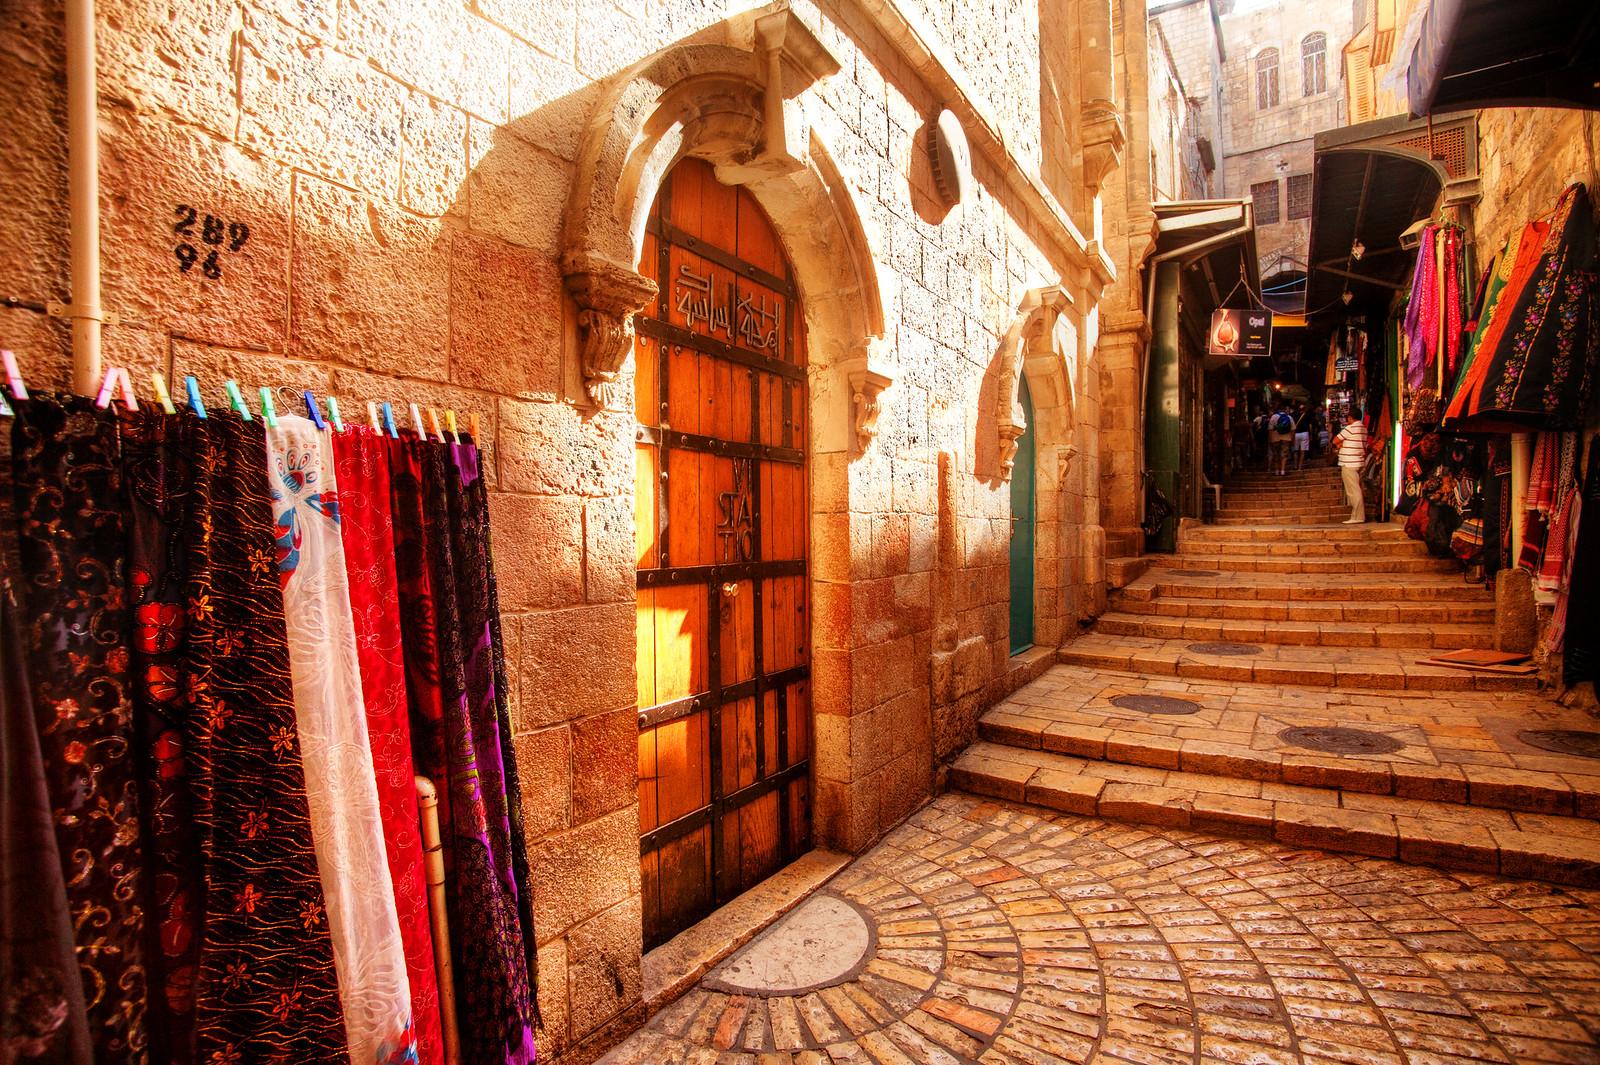 Jerusalem_Via Dolorosa_Station 6 (2)_Noam Chen_IMOT